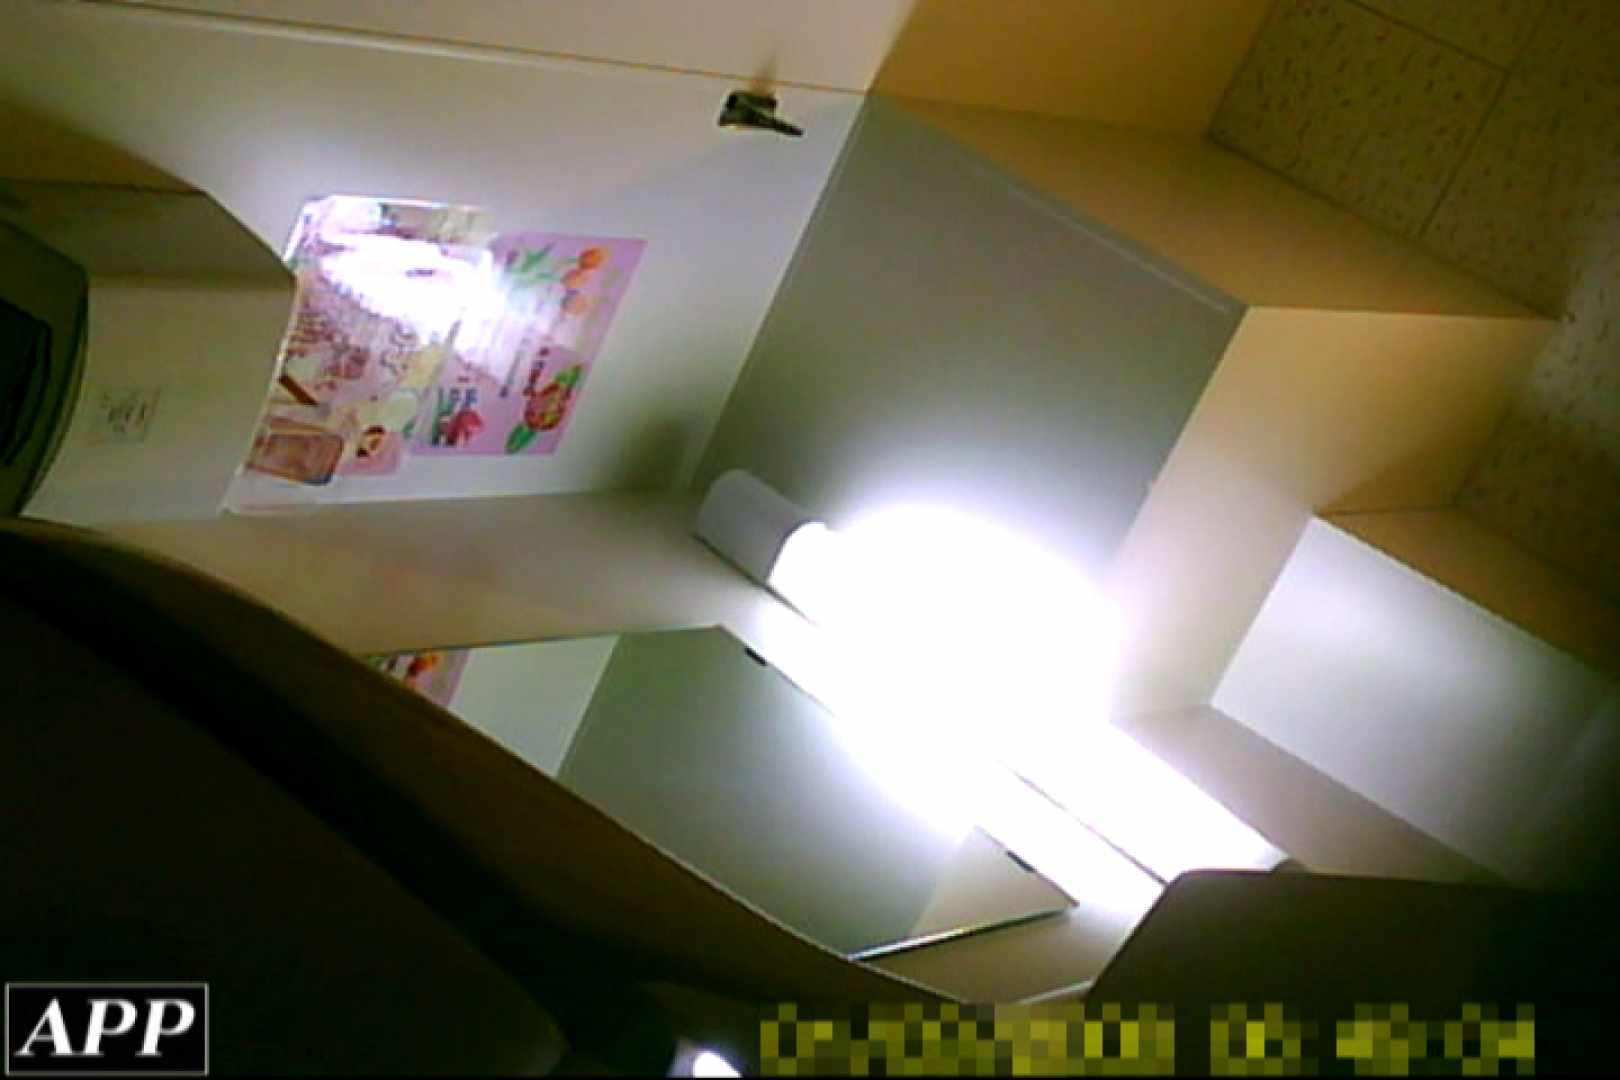 3視点洗面所 vol.122 洗面所 | オマンコ  66画像 49